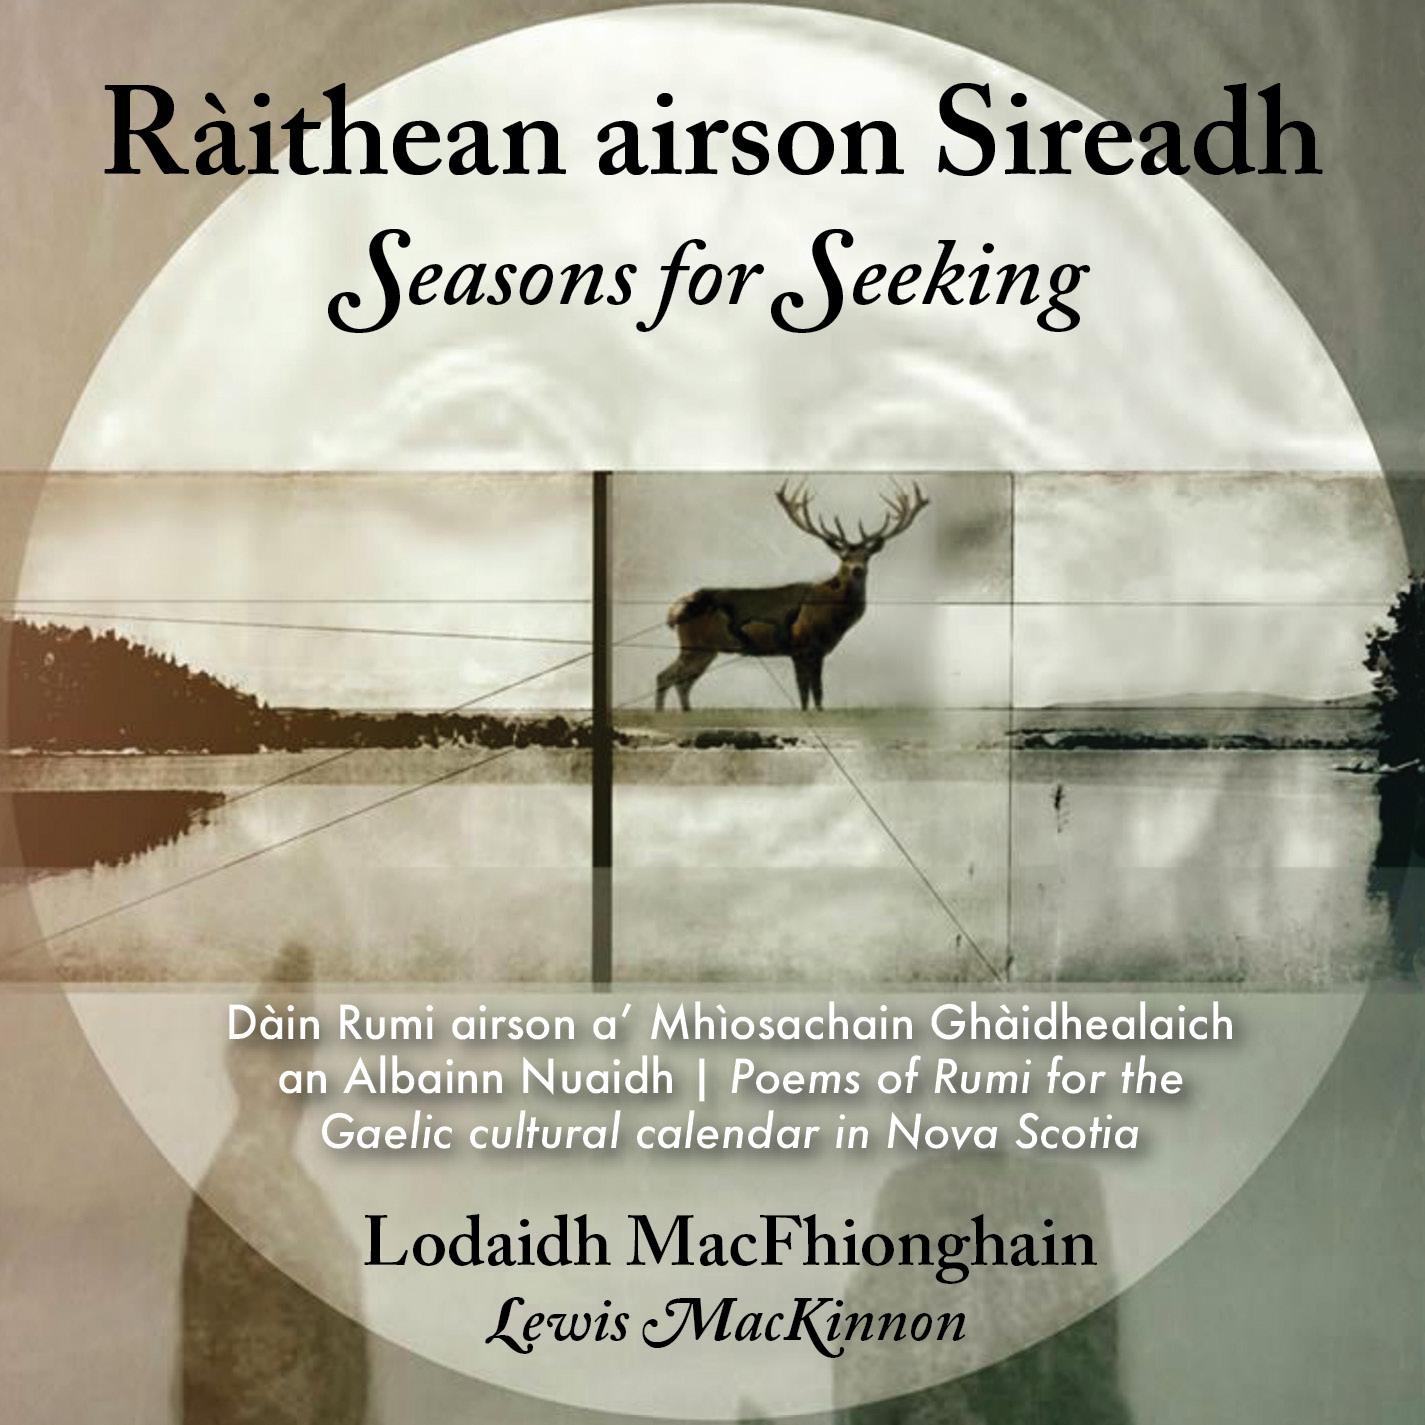 Ràithean airson Sireadh / Seasons for Seeking Audiobook